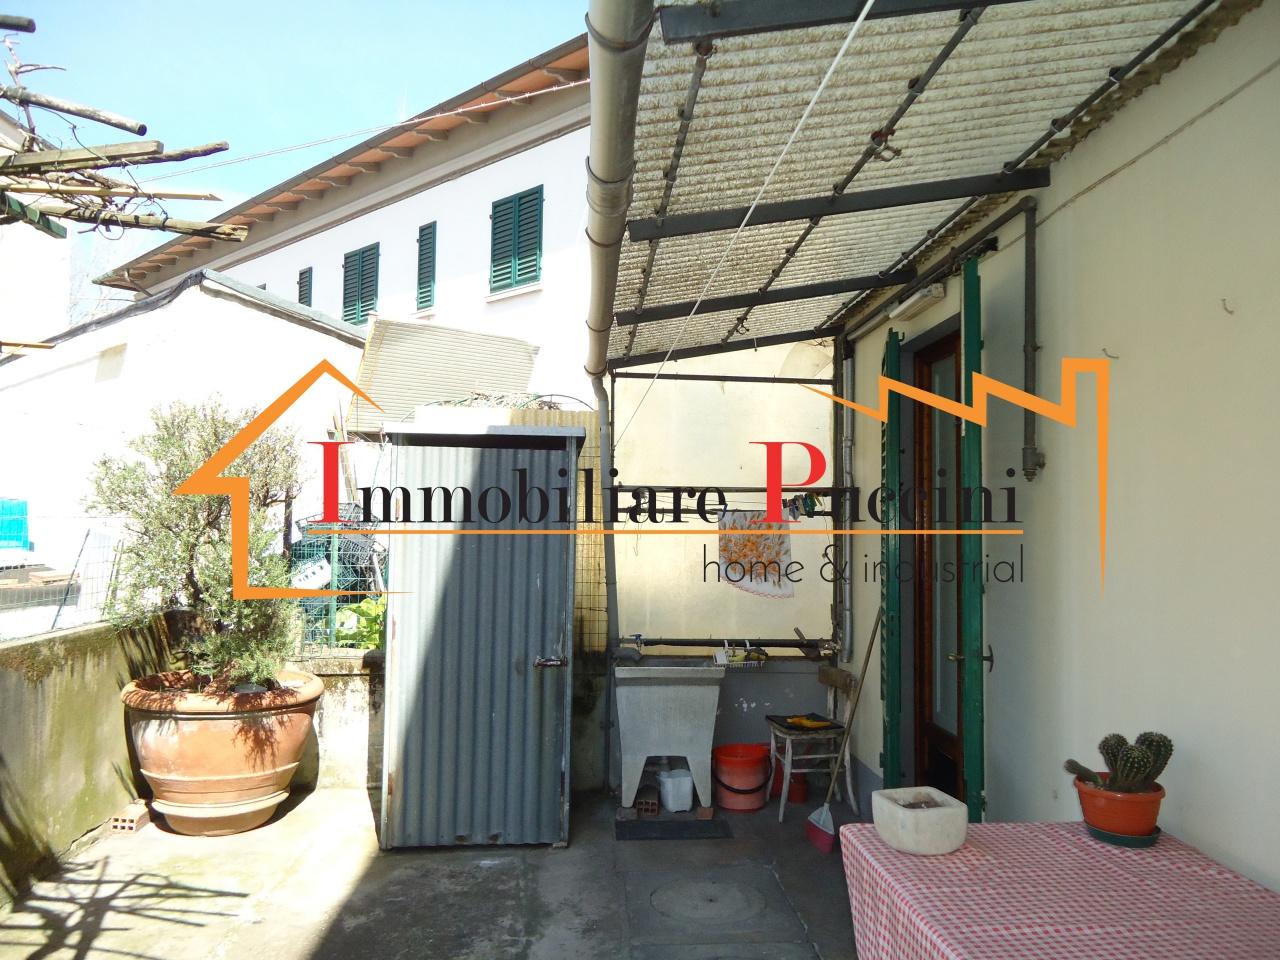 Soluzione Indipendente in vendita a Calenzano, 6 locali, prezzo € 235.000 | CambioCasa.it